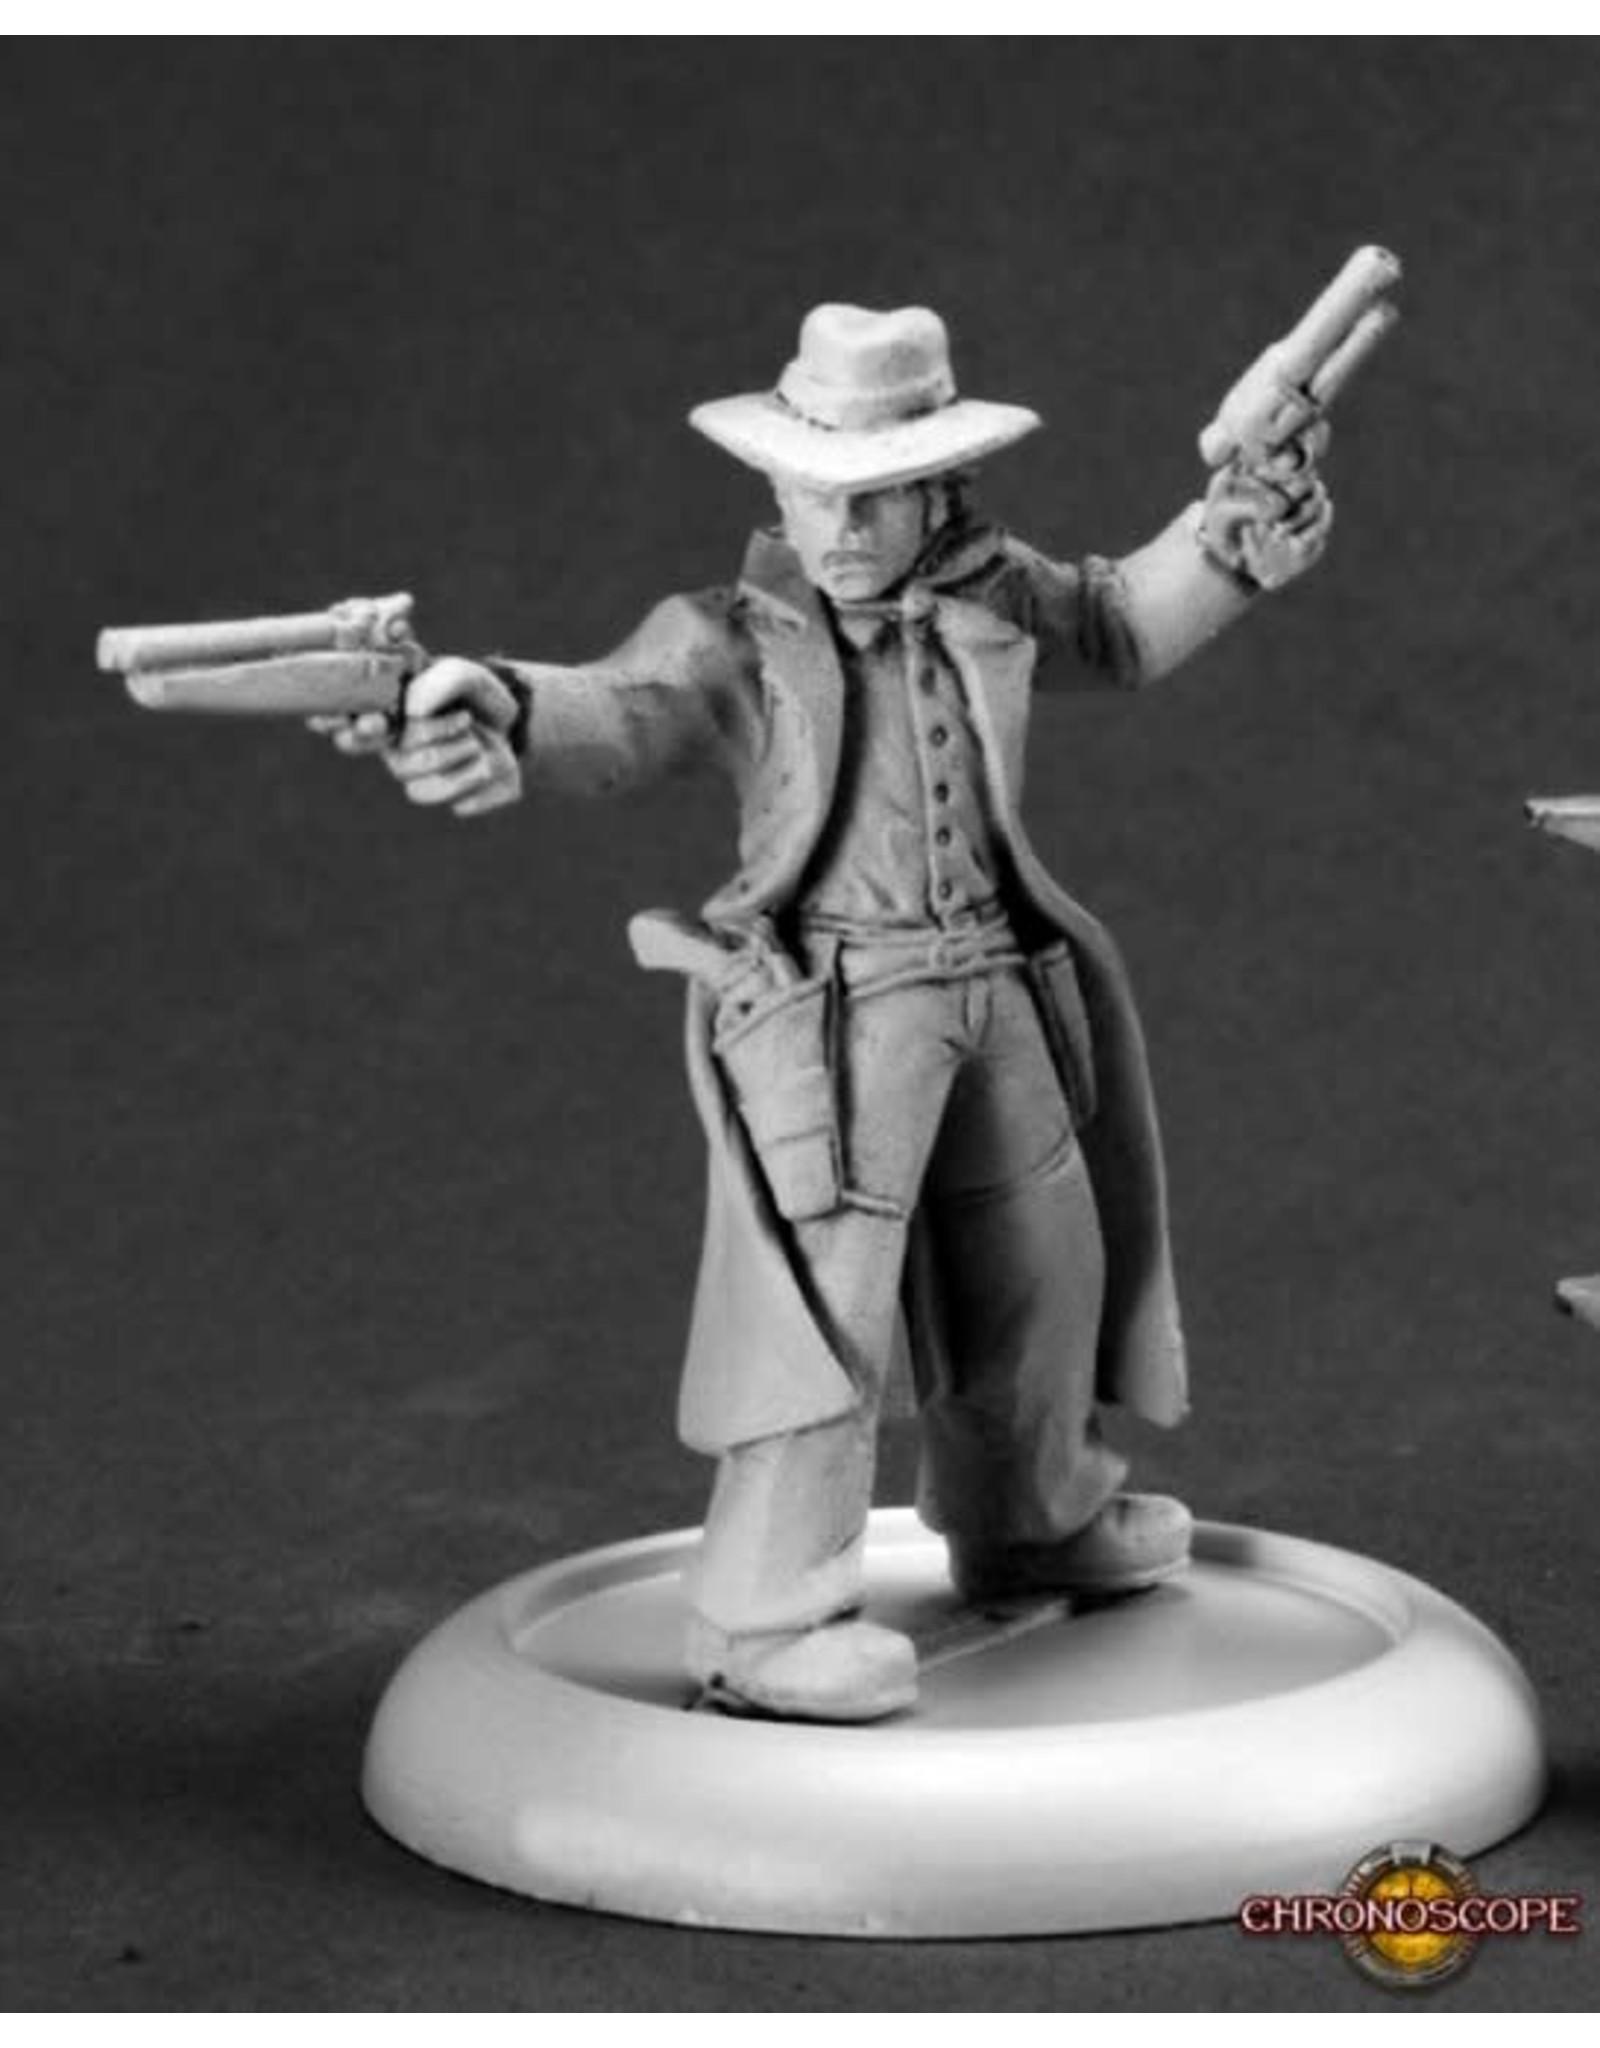 Reaper Reaper: Chronoscope: Hank Callahan, Gunslinger